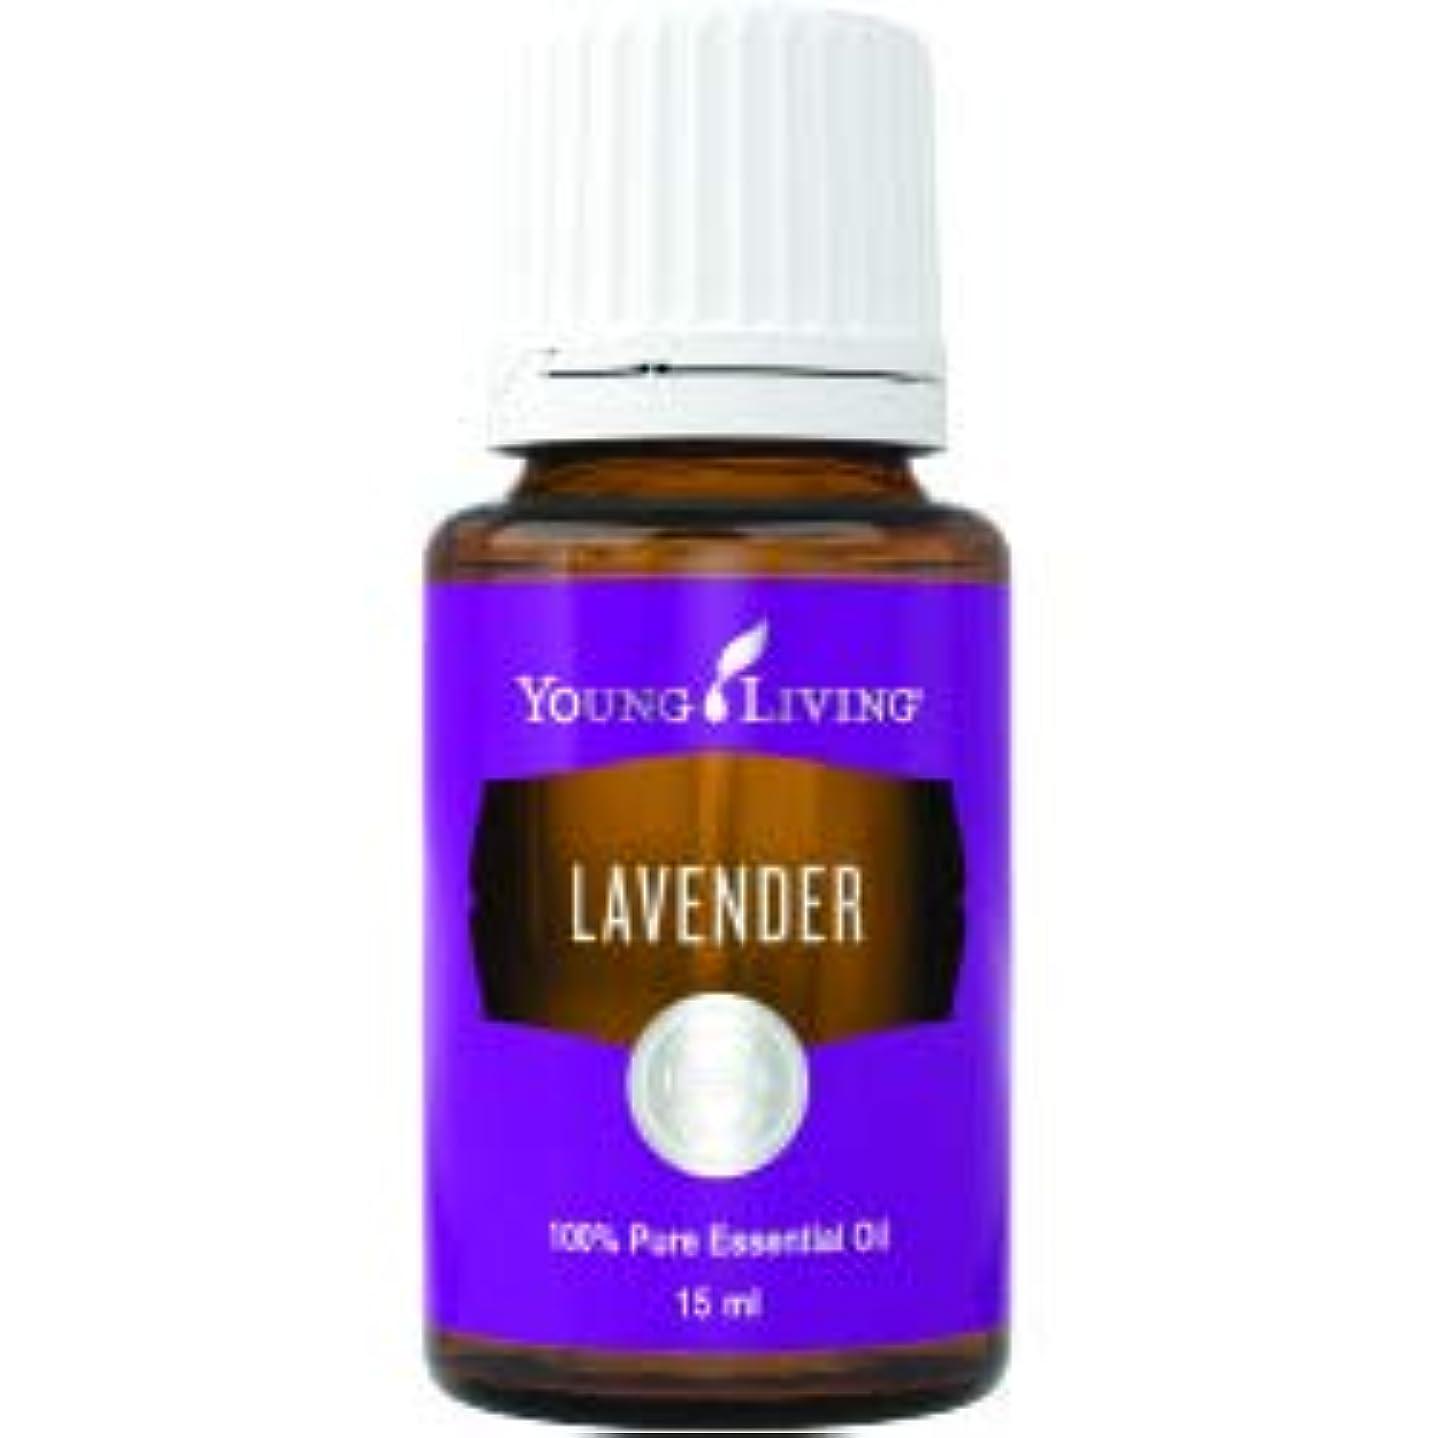 色コミット食い違いラベンダーエッセンシャルオイル15ml by Young Livingエッセンシャルオイルマレーシア Lavender Essential Oil 15ml by Young Living Essential Oil Malaysia